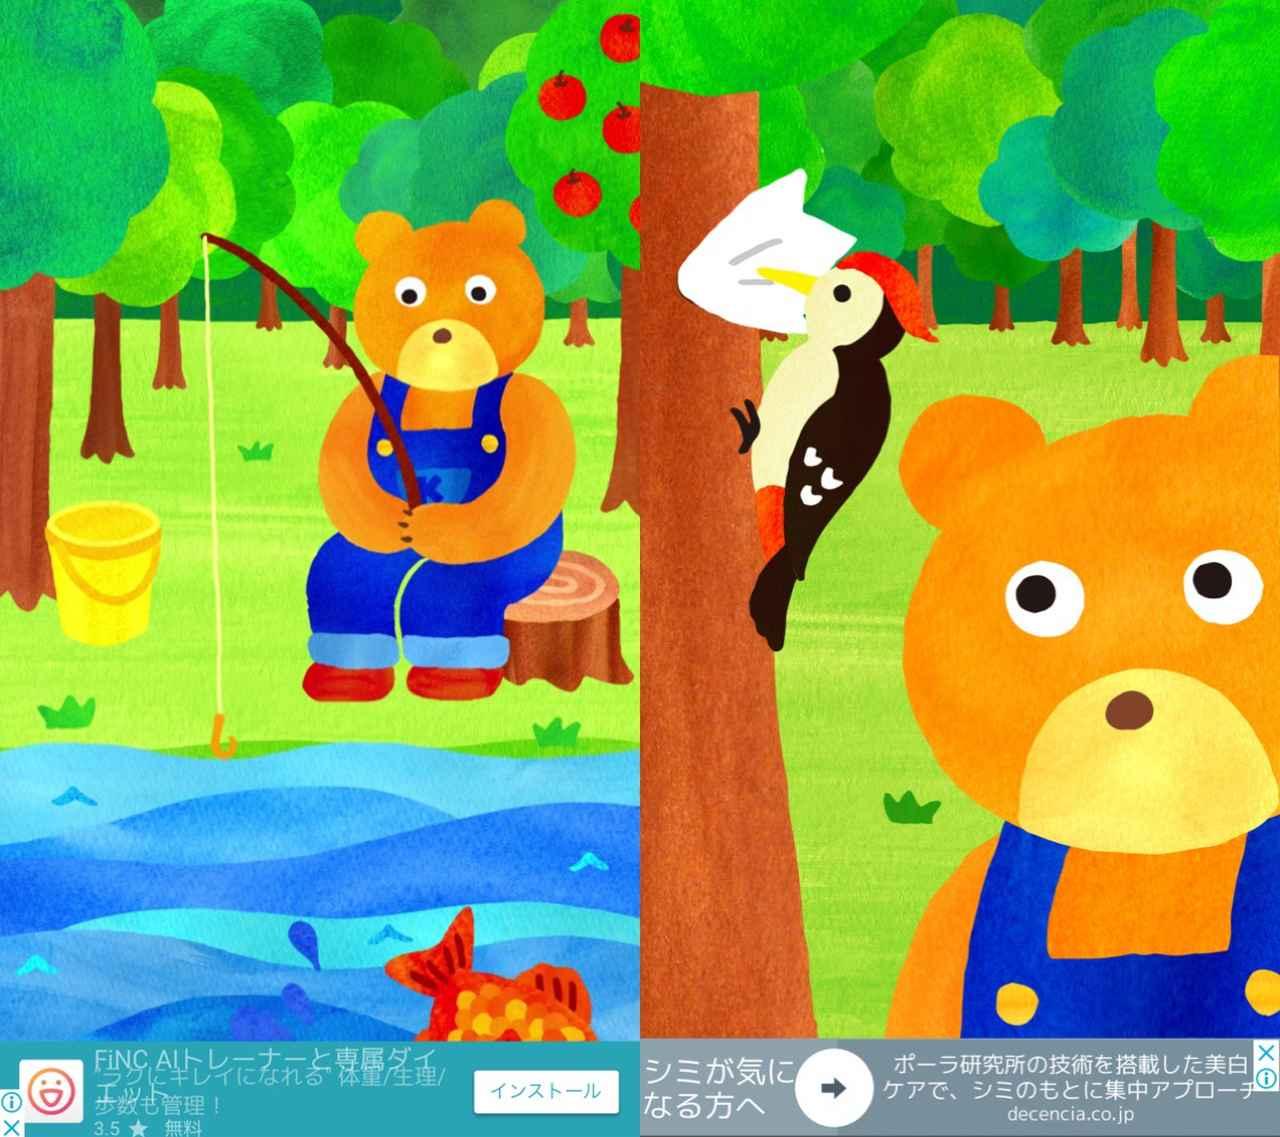 画像3: 優しく共感してくれるクマさんに癒される!悩みを書いた紙は残さずスッキリ!